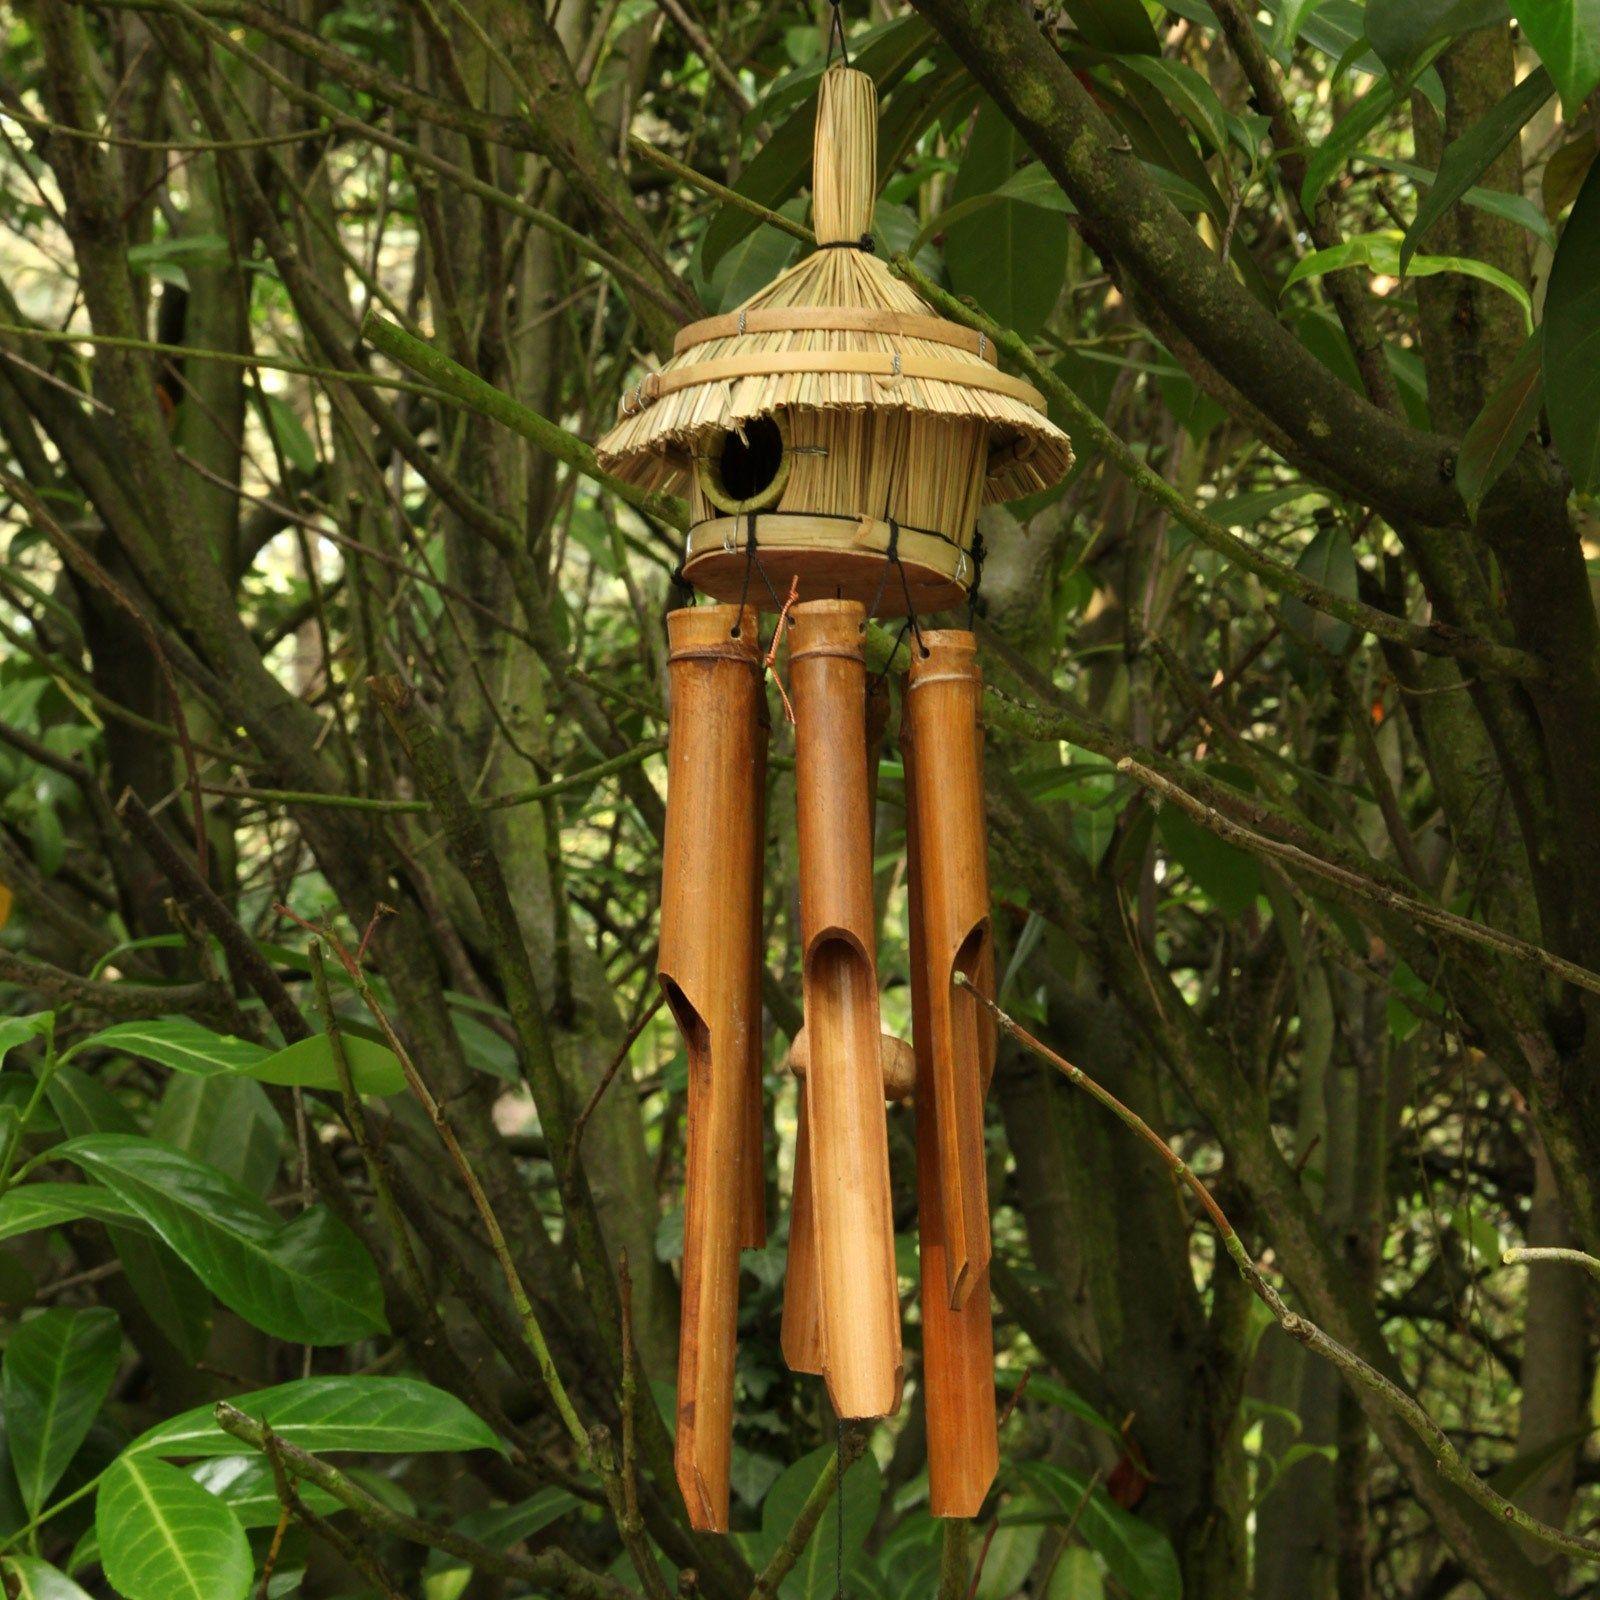 Carillon Vent Bambou - Une Superbe Décoration - 12,95 ... intérieur Carillon Bambou Jardin